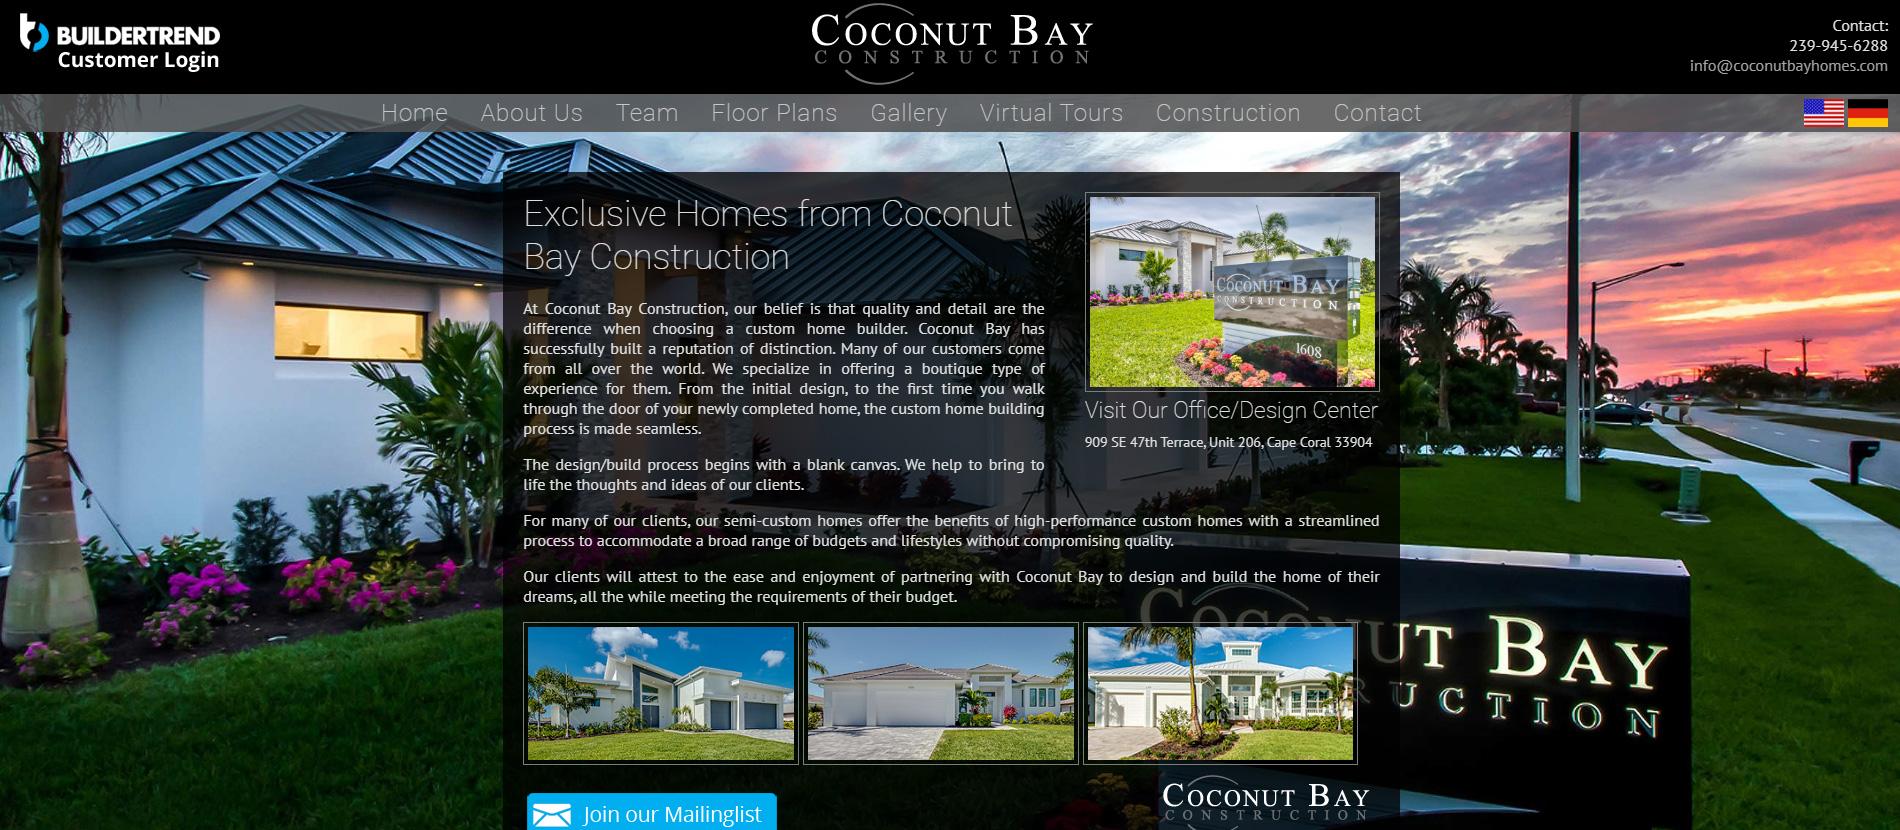 Coconut Bay Construction